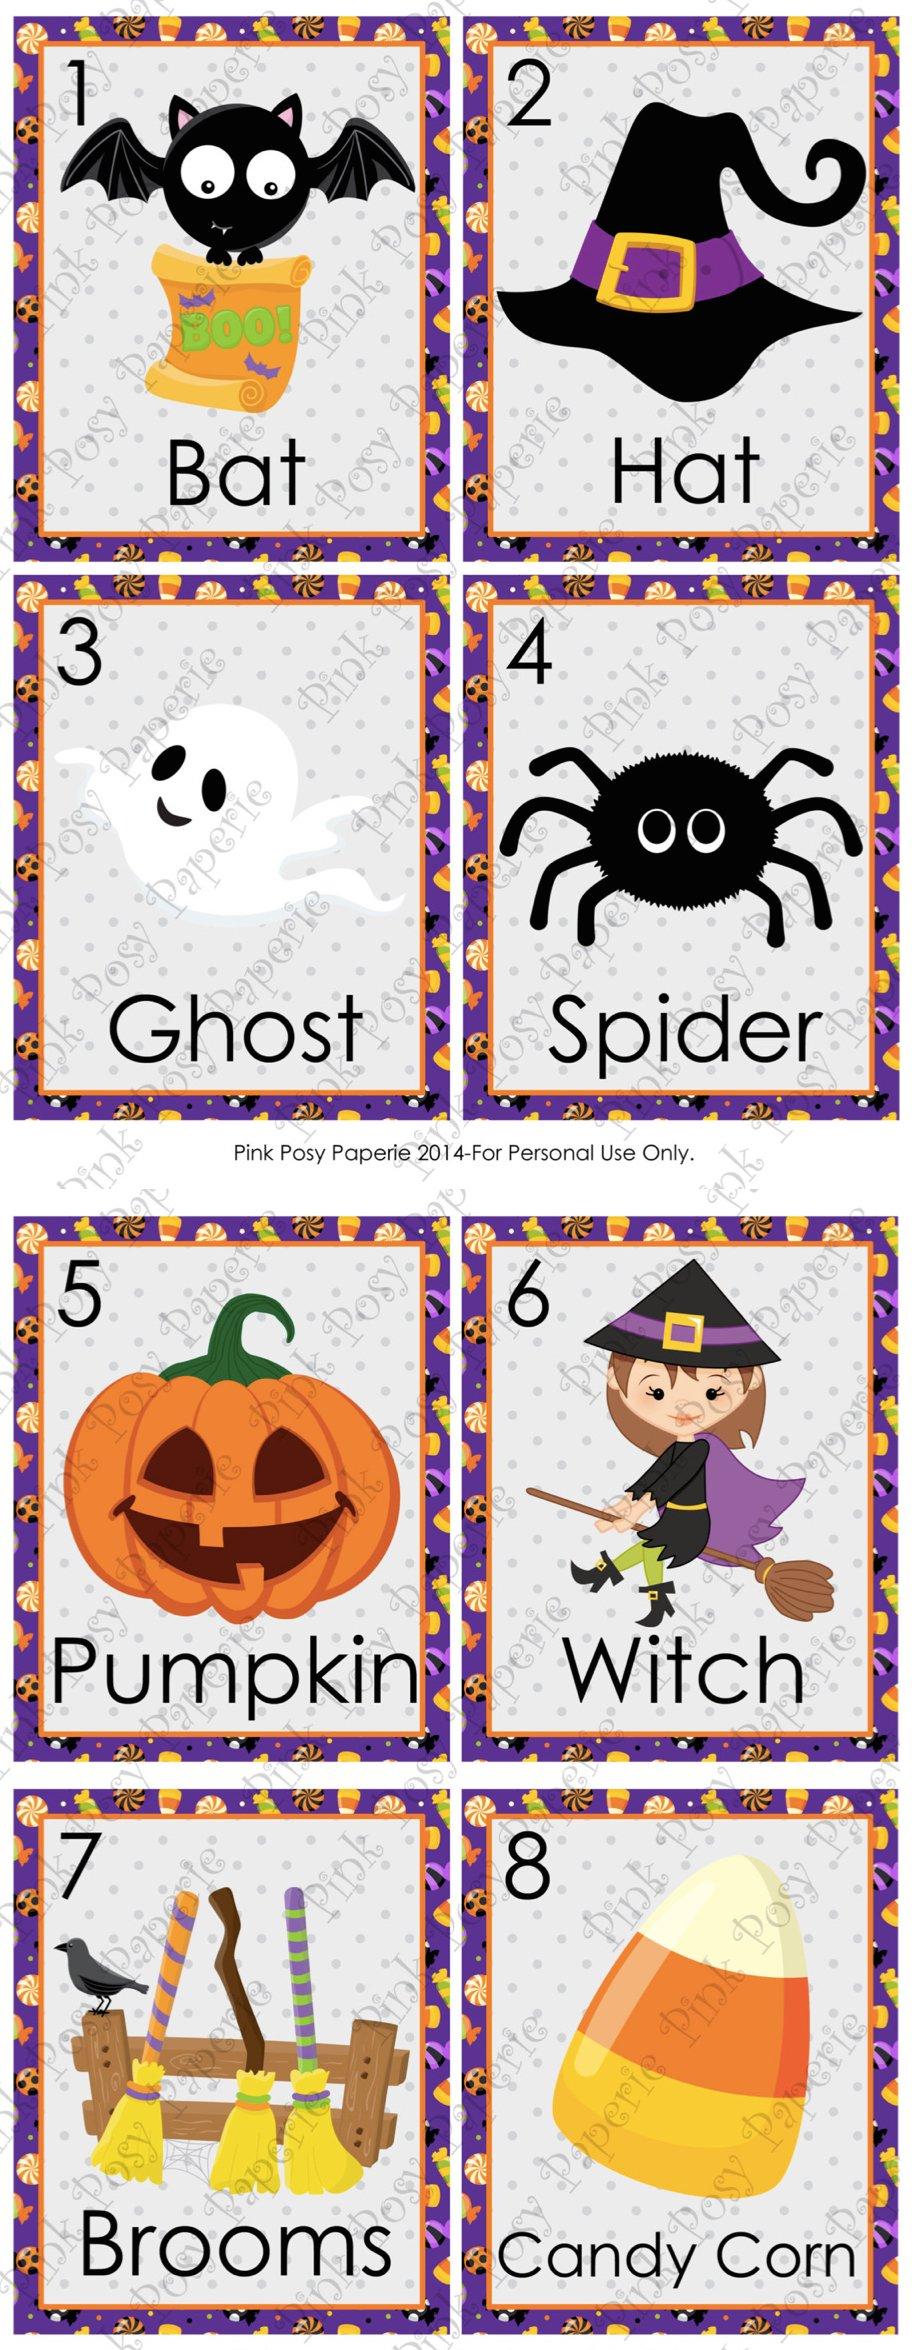 Printable Halloween Games | Halloween Party Activities ...